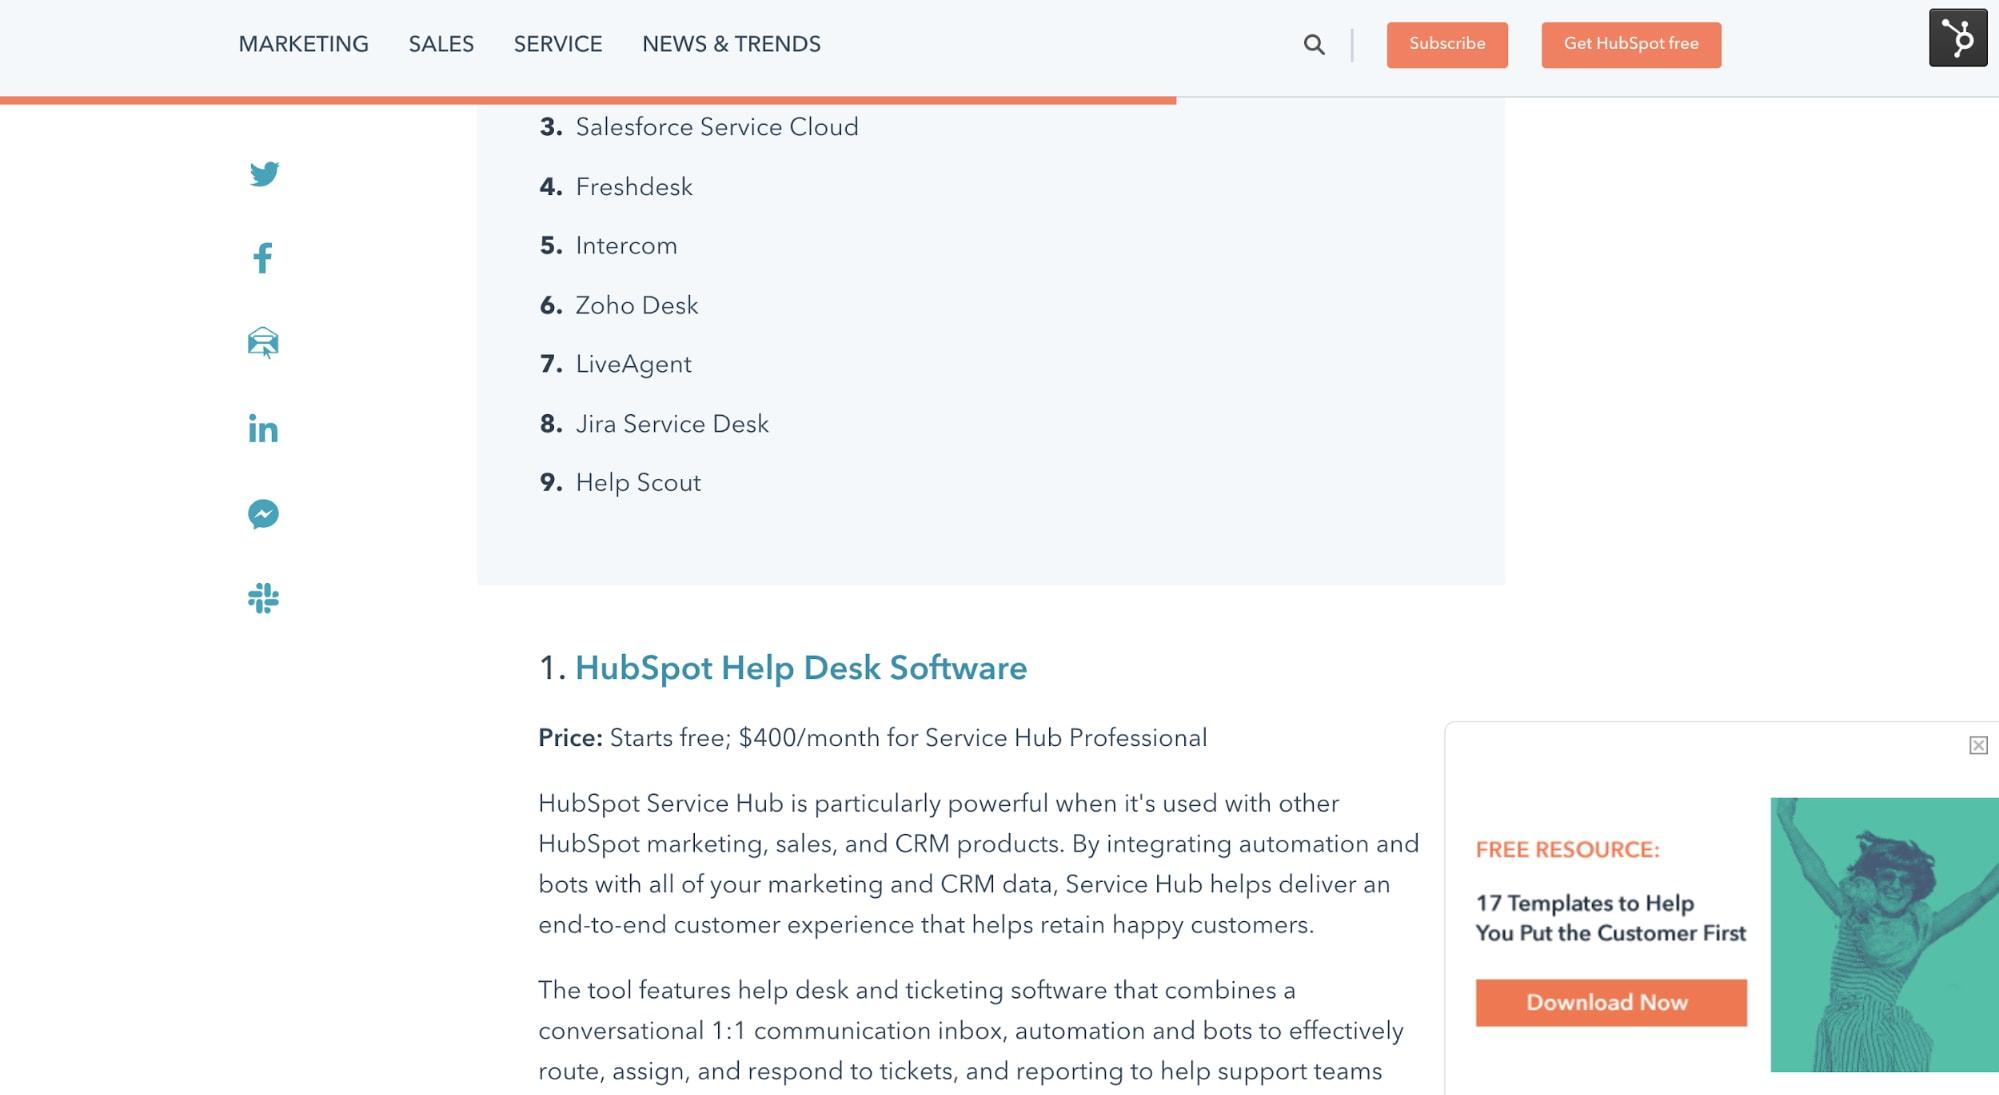 Hubspot-help-desk-software